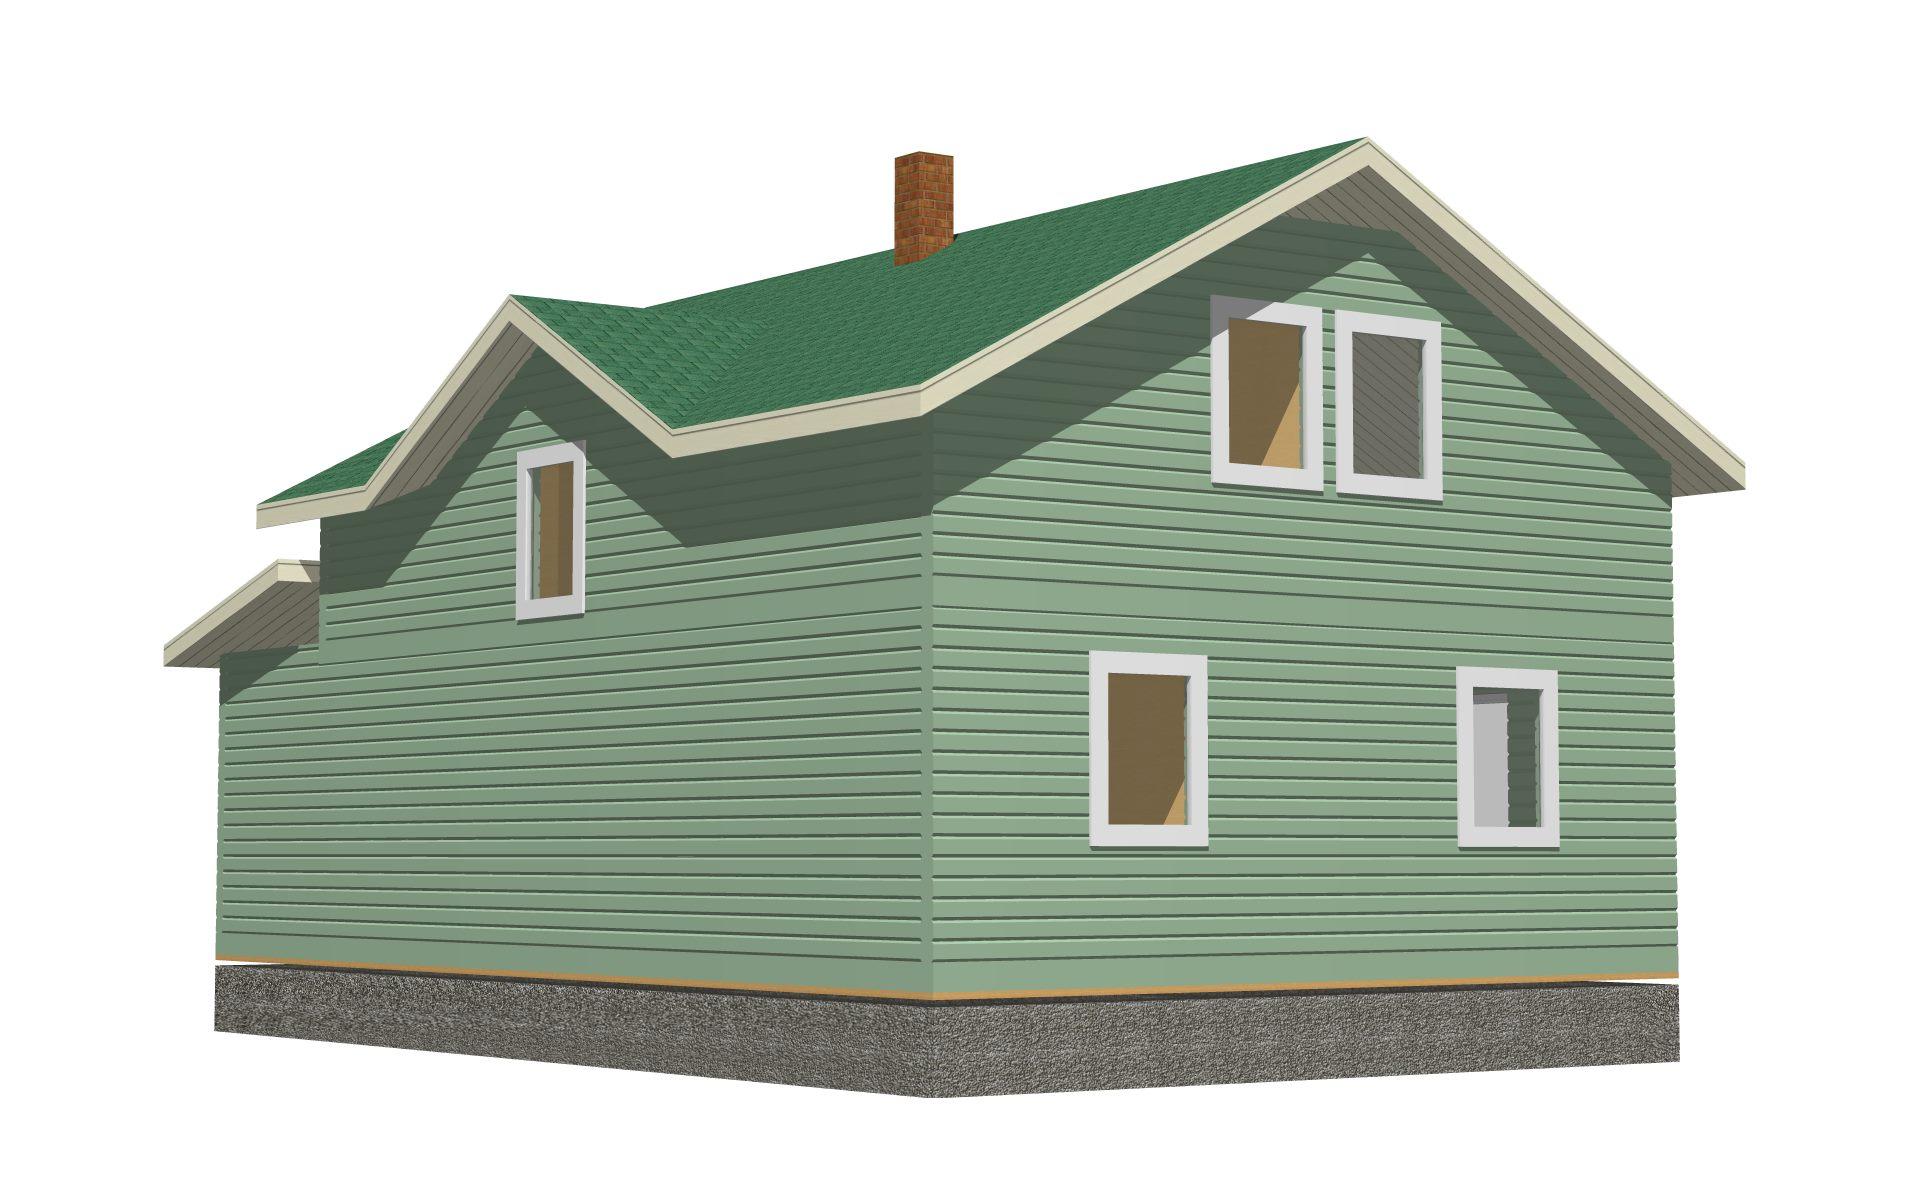 Дом 1 5 этажа - 2792